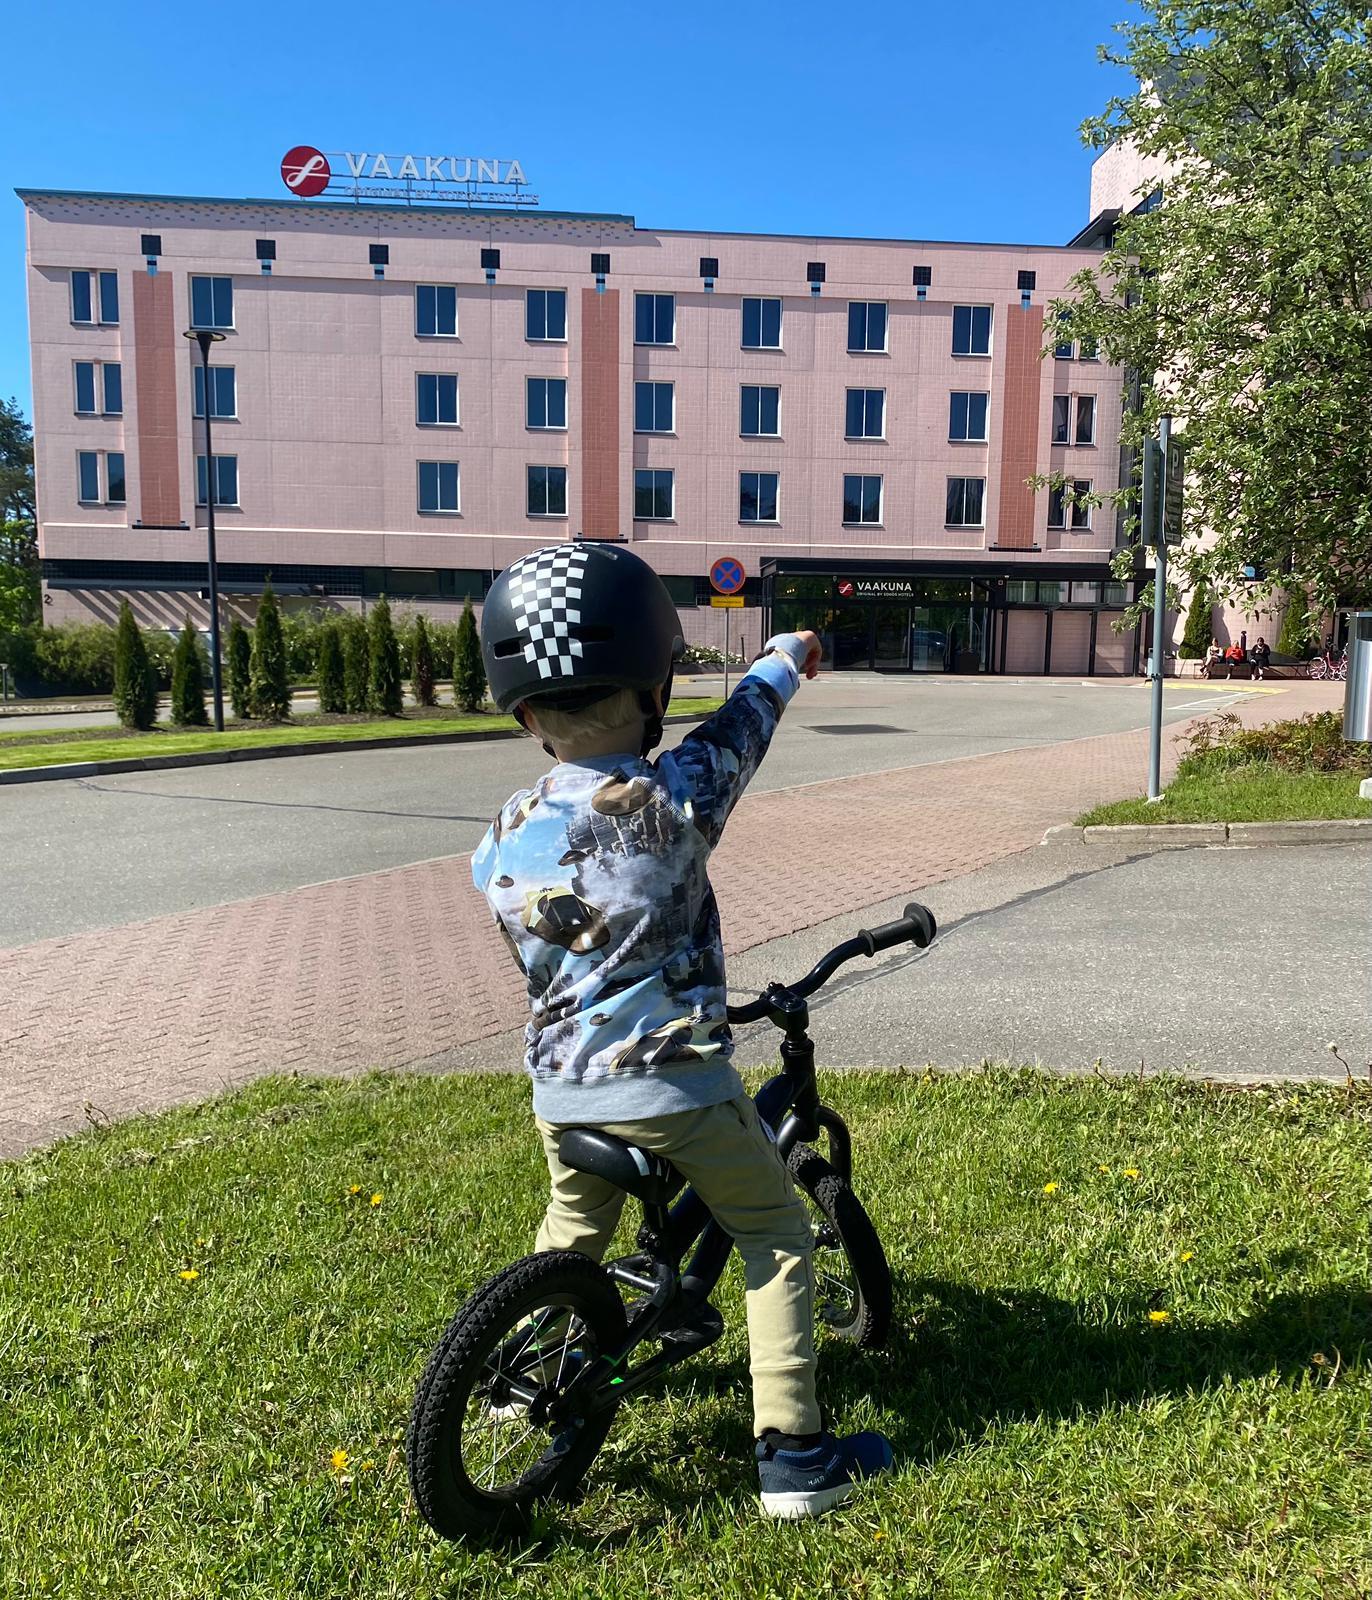 Suomen parasta palvelua pinkissä hotellissa